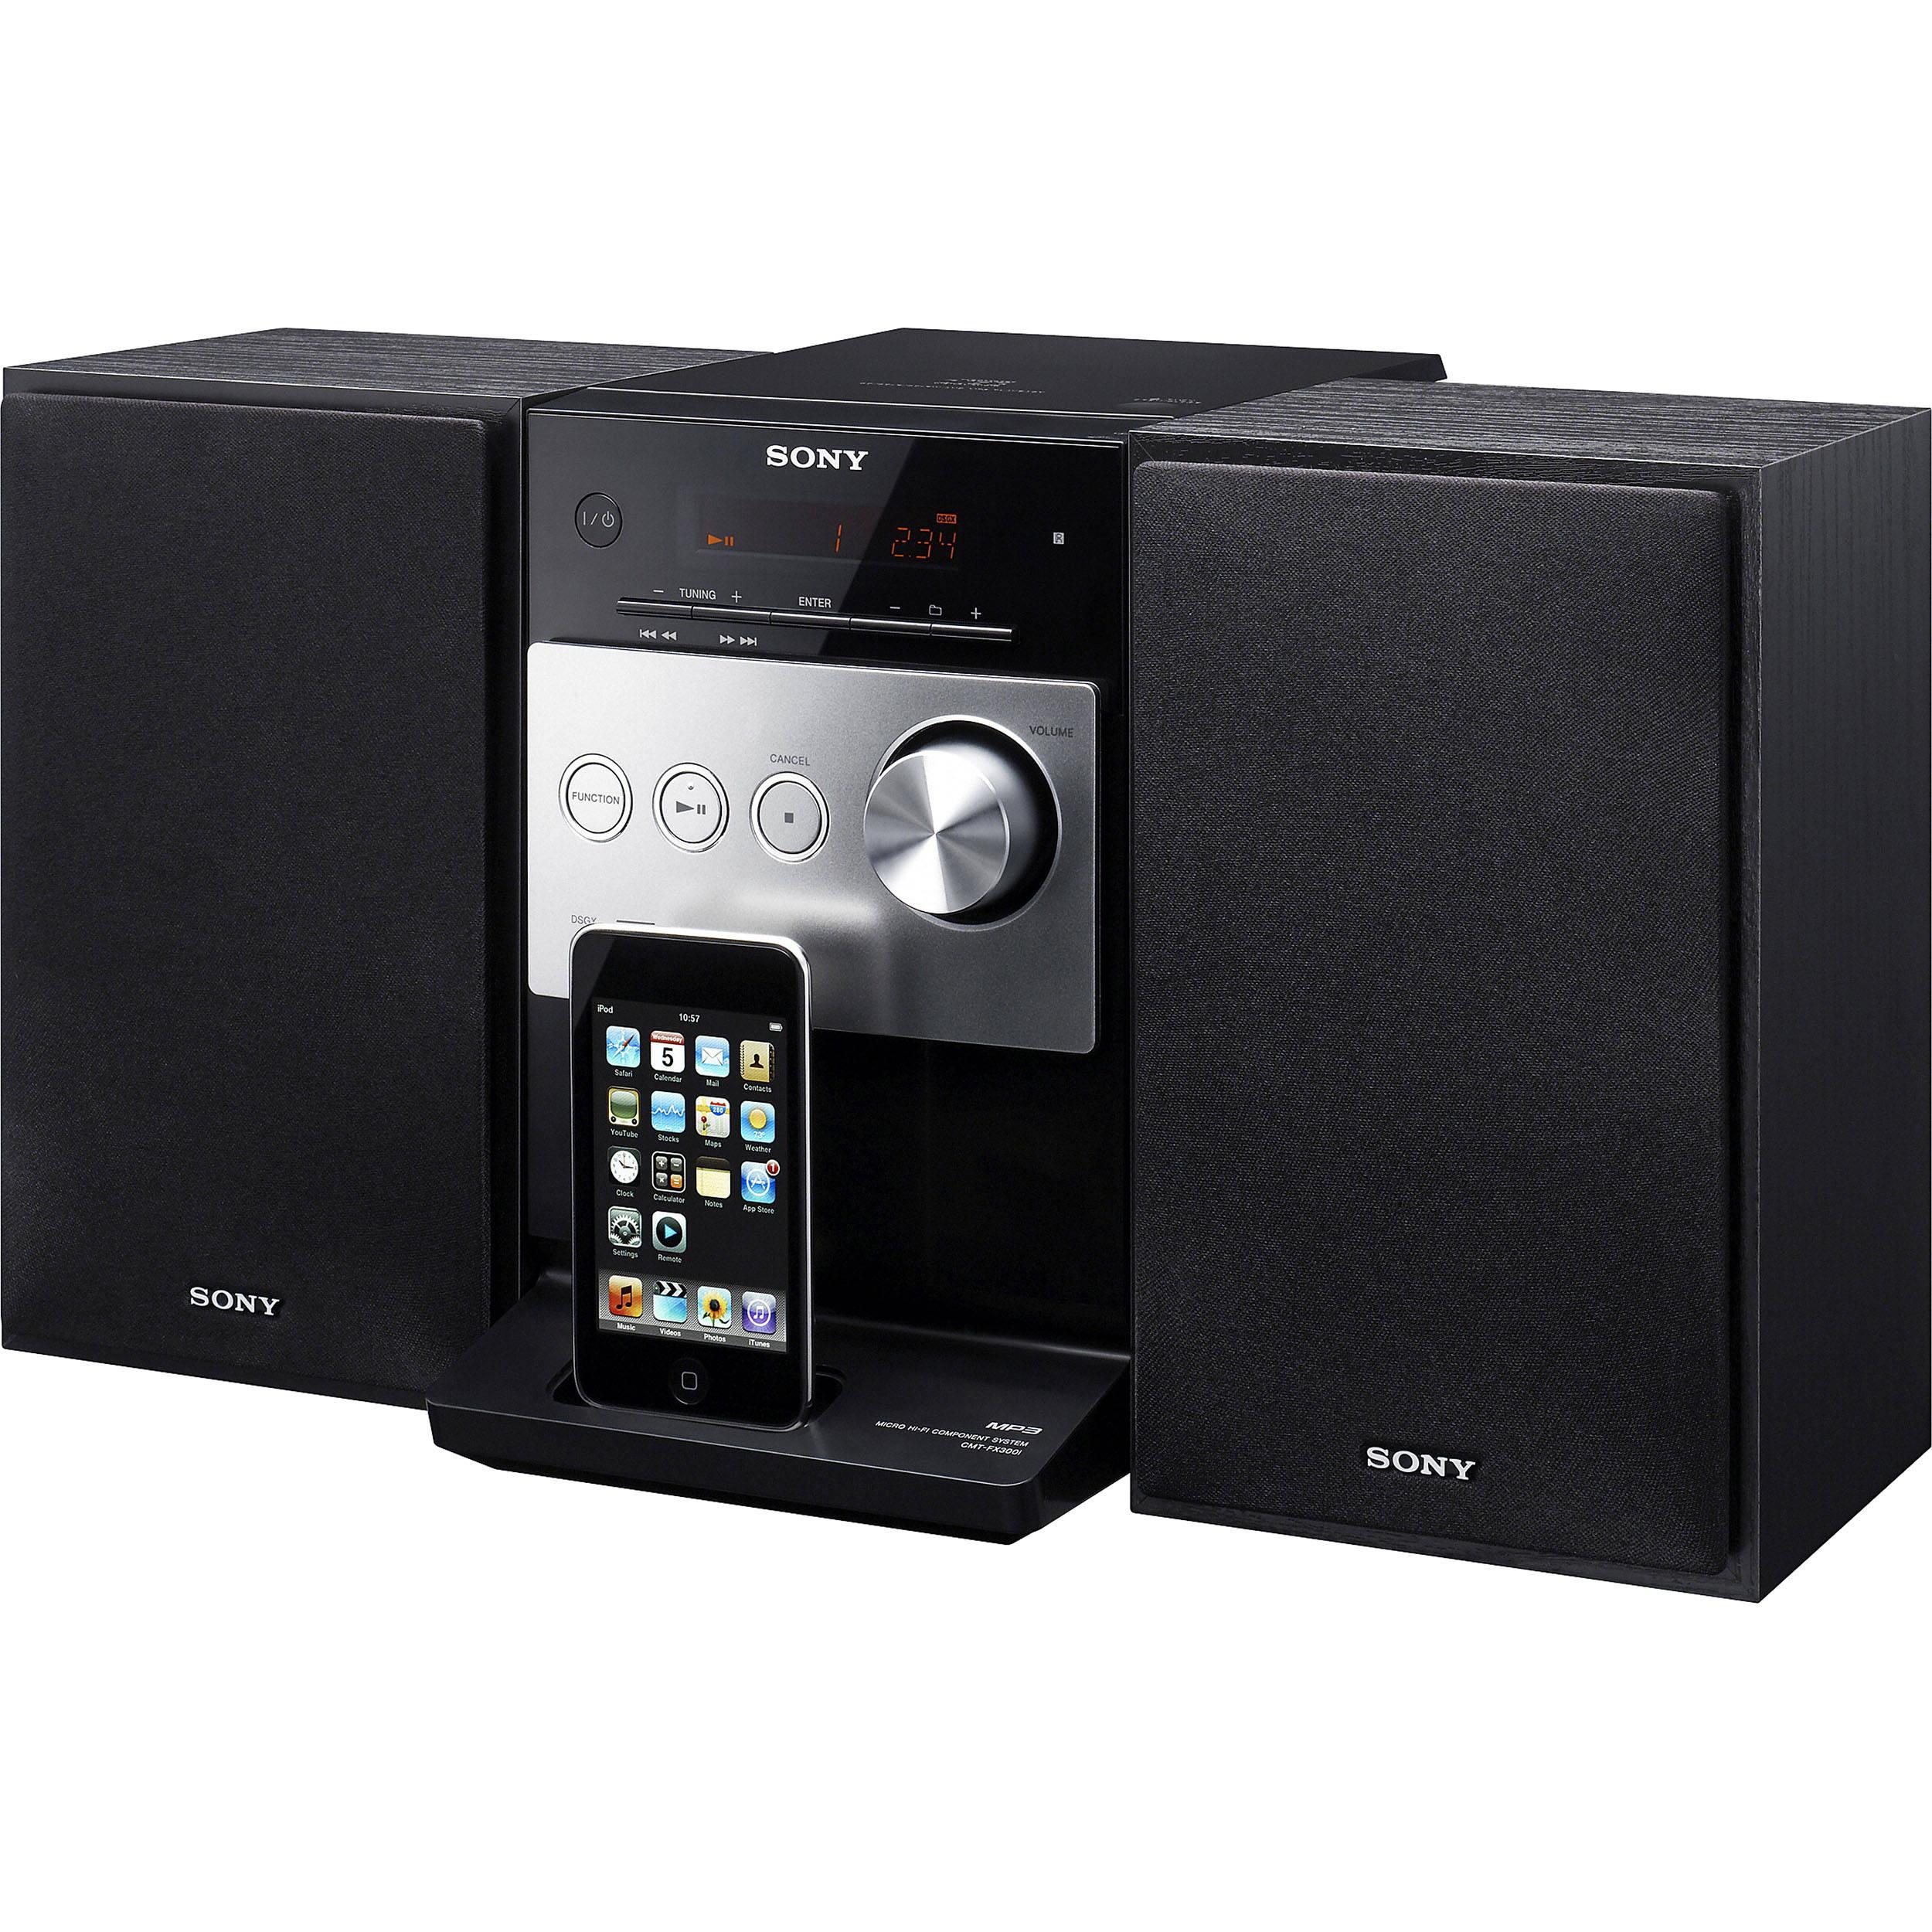 sony cmt fx300i micro hi fi system cmt fx300i b h photo video. Black Bedroom Furniture Sets. Home Design Ideas